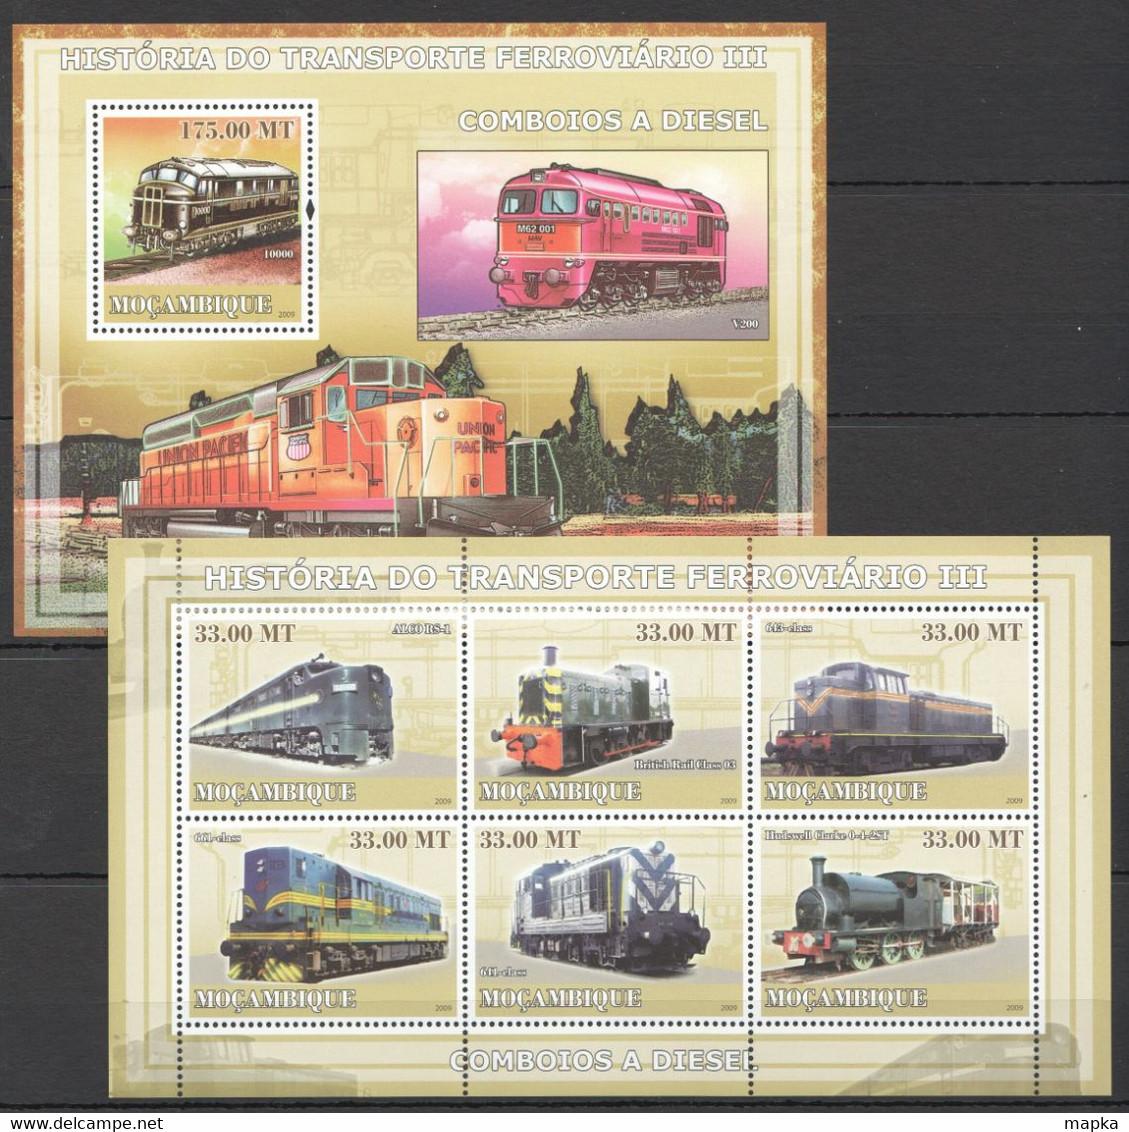 XX615 2009 MOZAMBIQUE MOCAMBIQUE TRAINS HISTORIA DO FERROVIARIO 3 1SH+1BL MNH - Trains